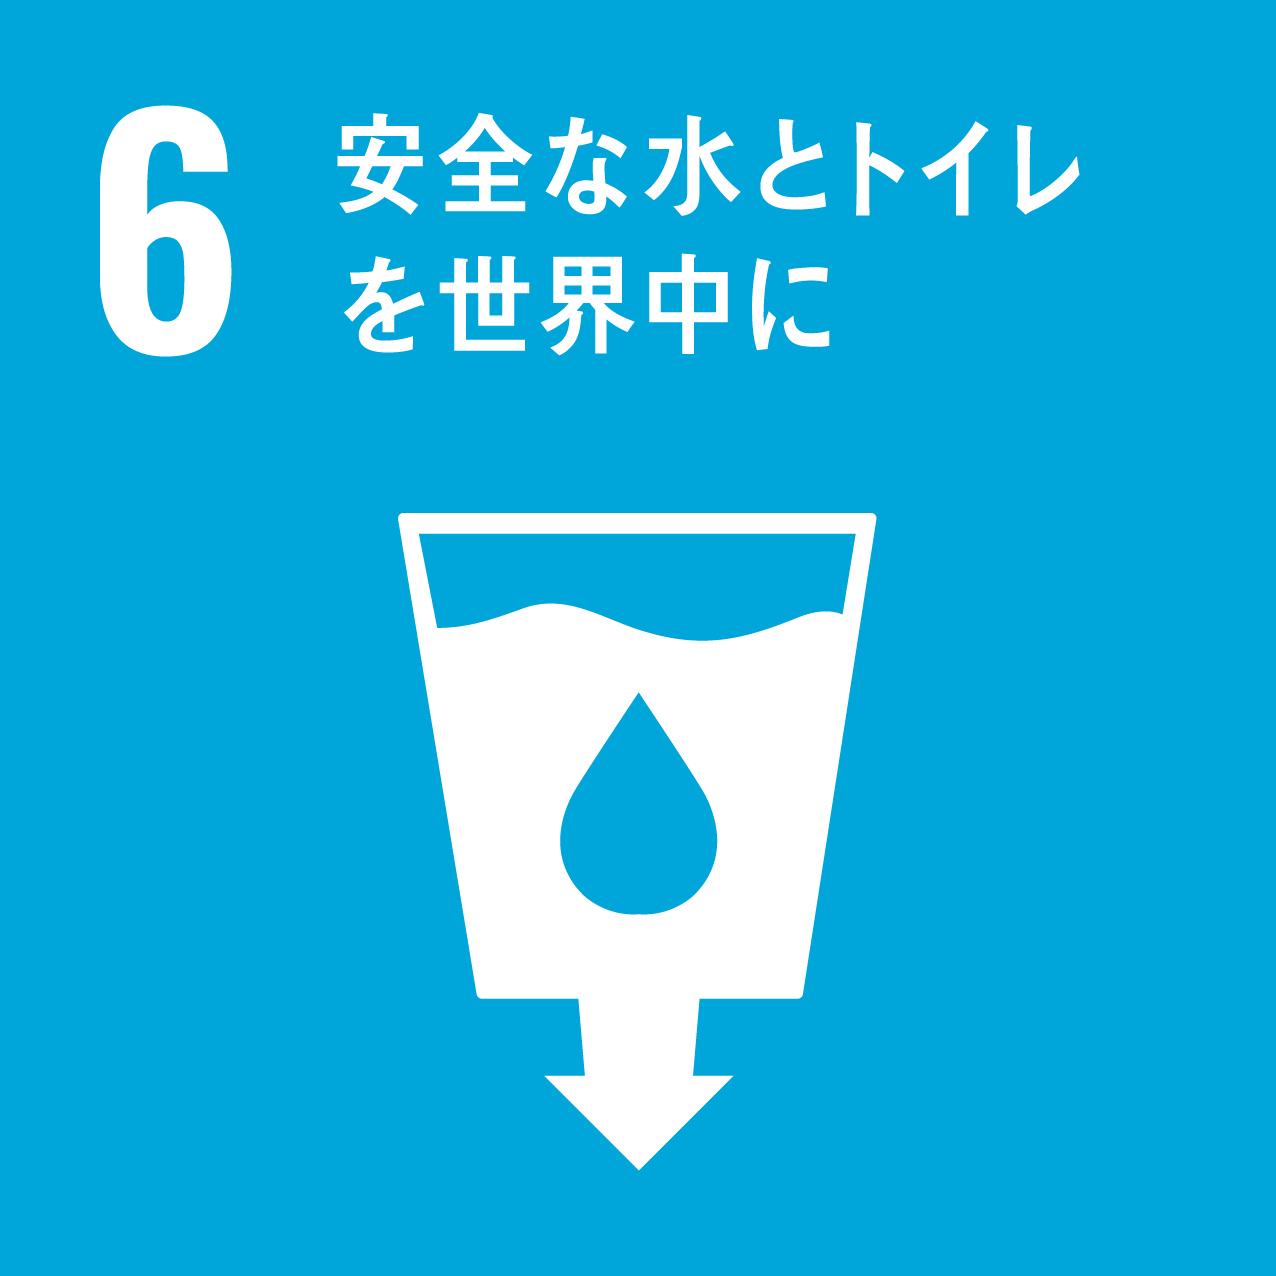 6,安全な水とトイレを世界中に